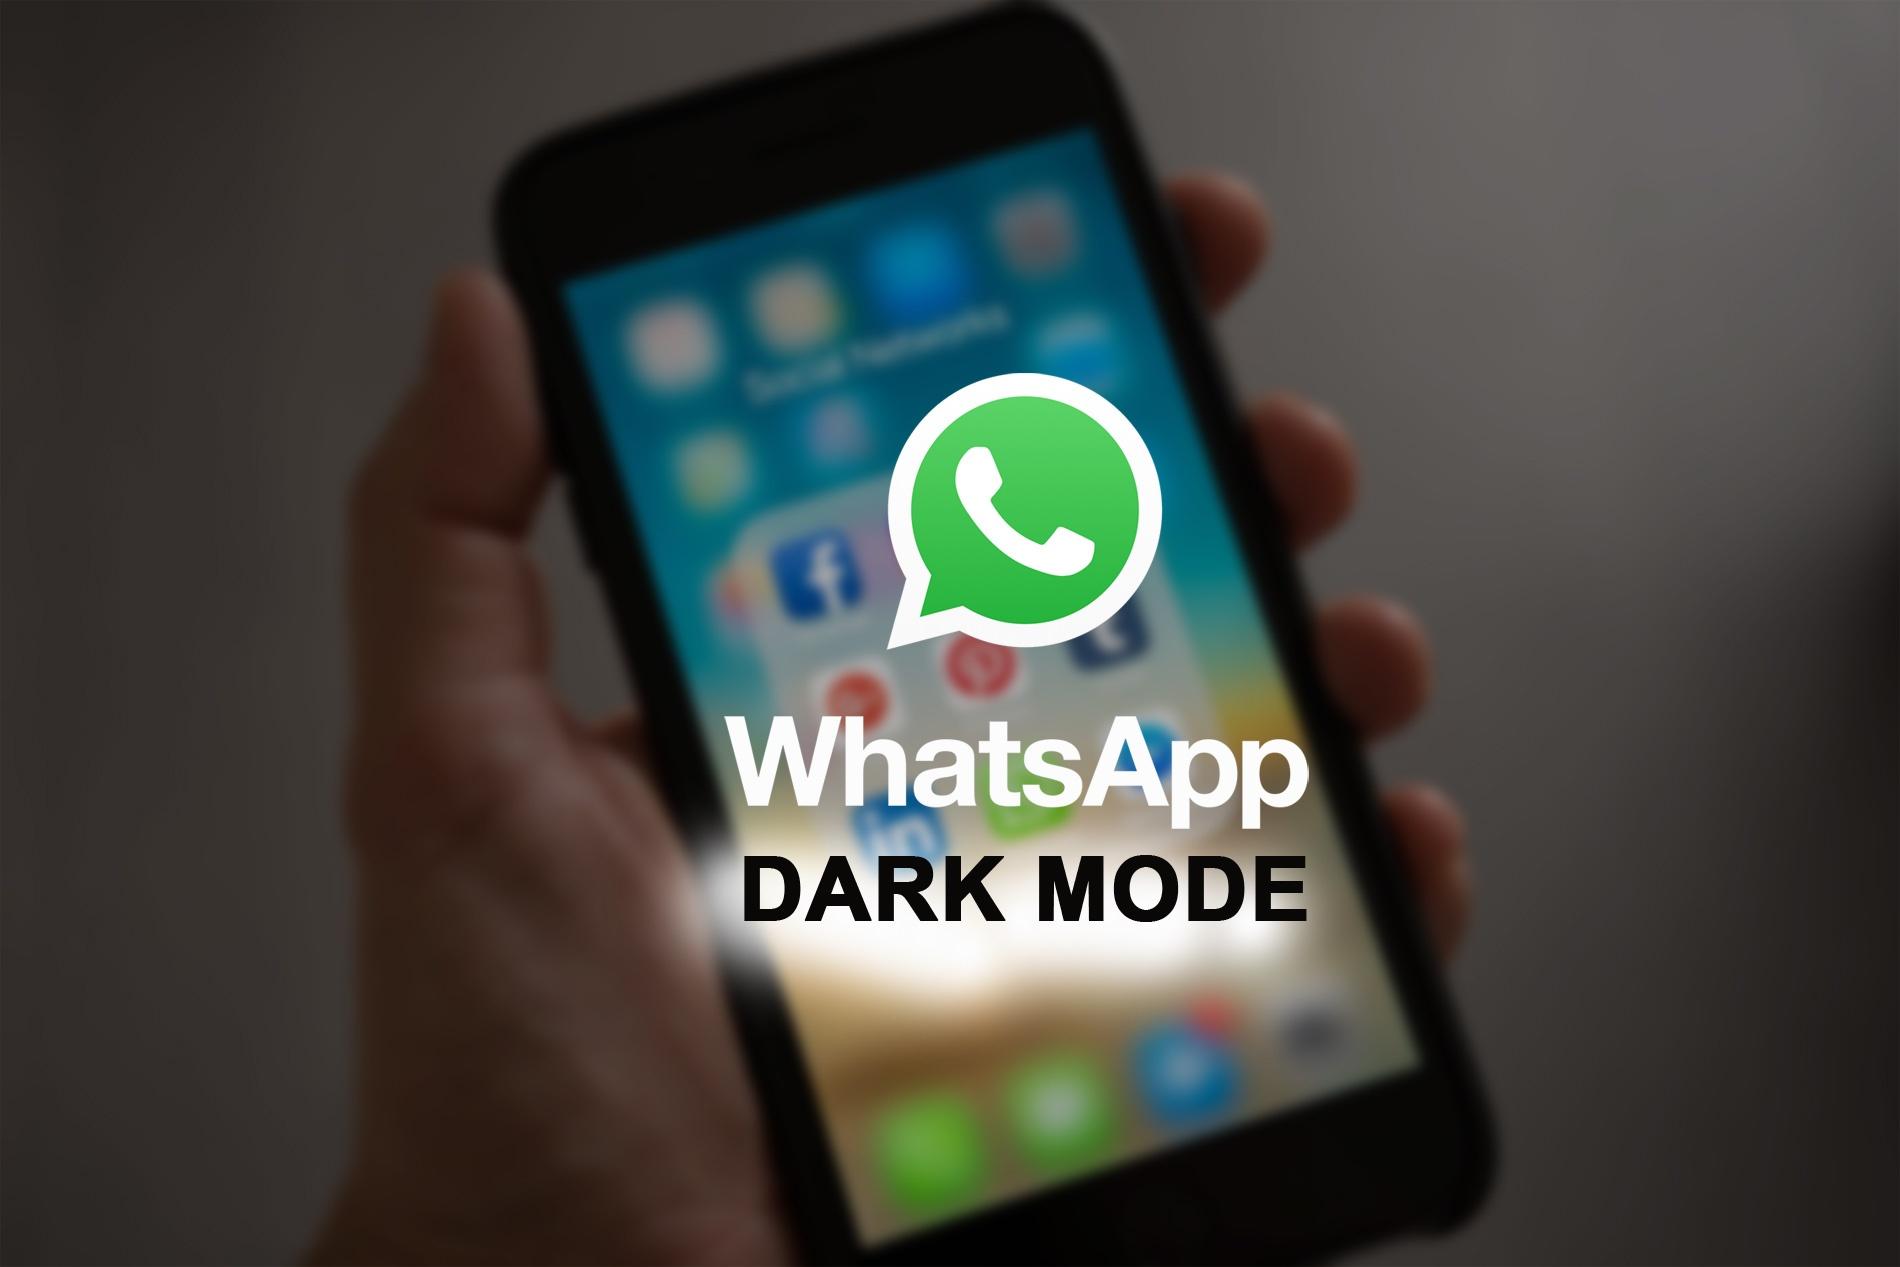 WhatsApp nero/black, tema scuro disponibile per android